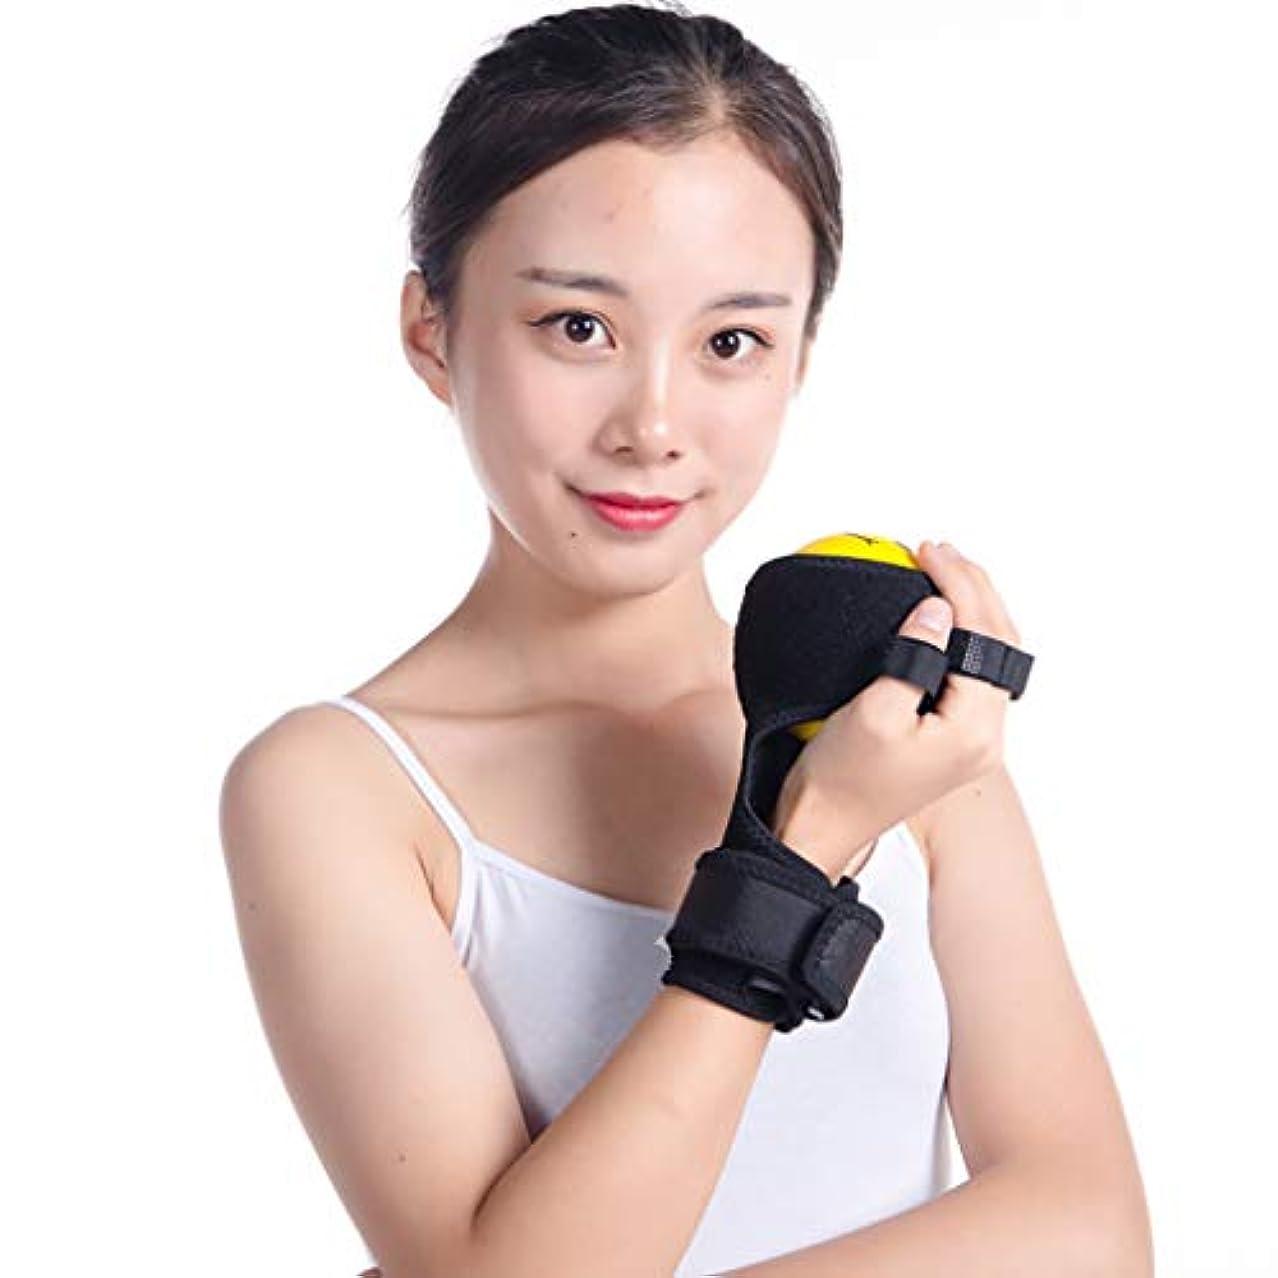 指装具ハンドボールリハビリテーション運動、痙縮防止ボールスプリントハンド機能障害